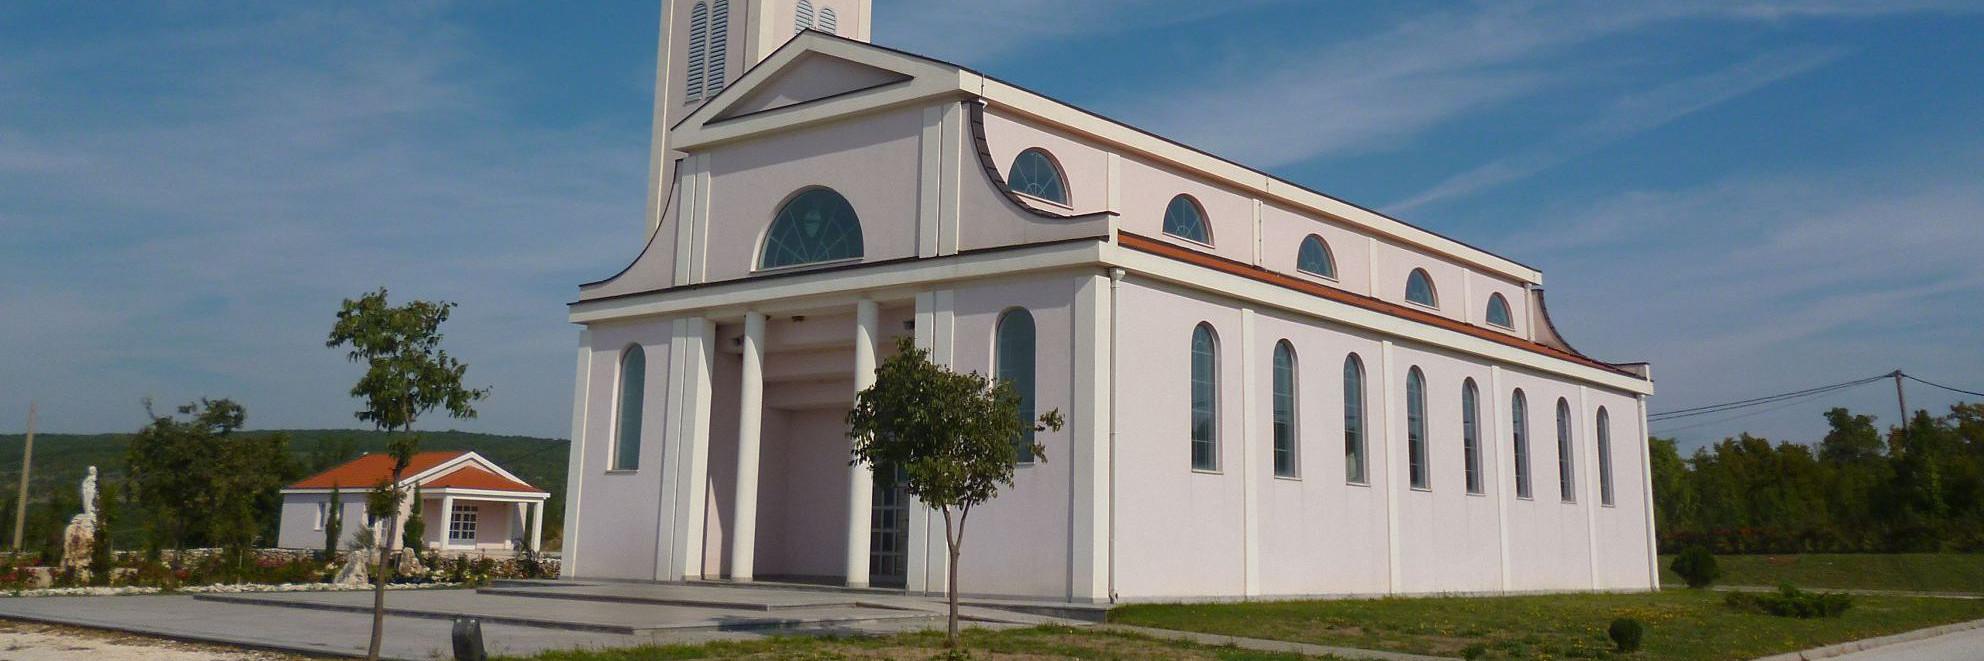 Церковь Святейшего Сердца Иисуса в Блатнице